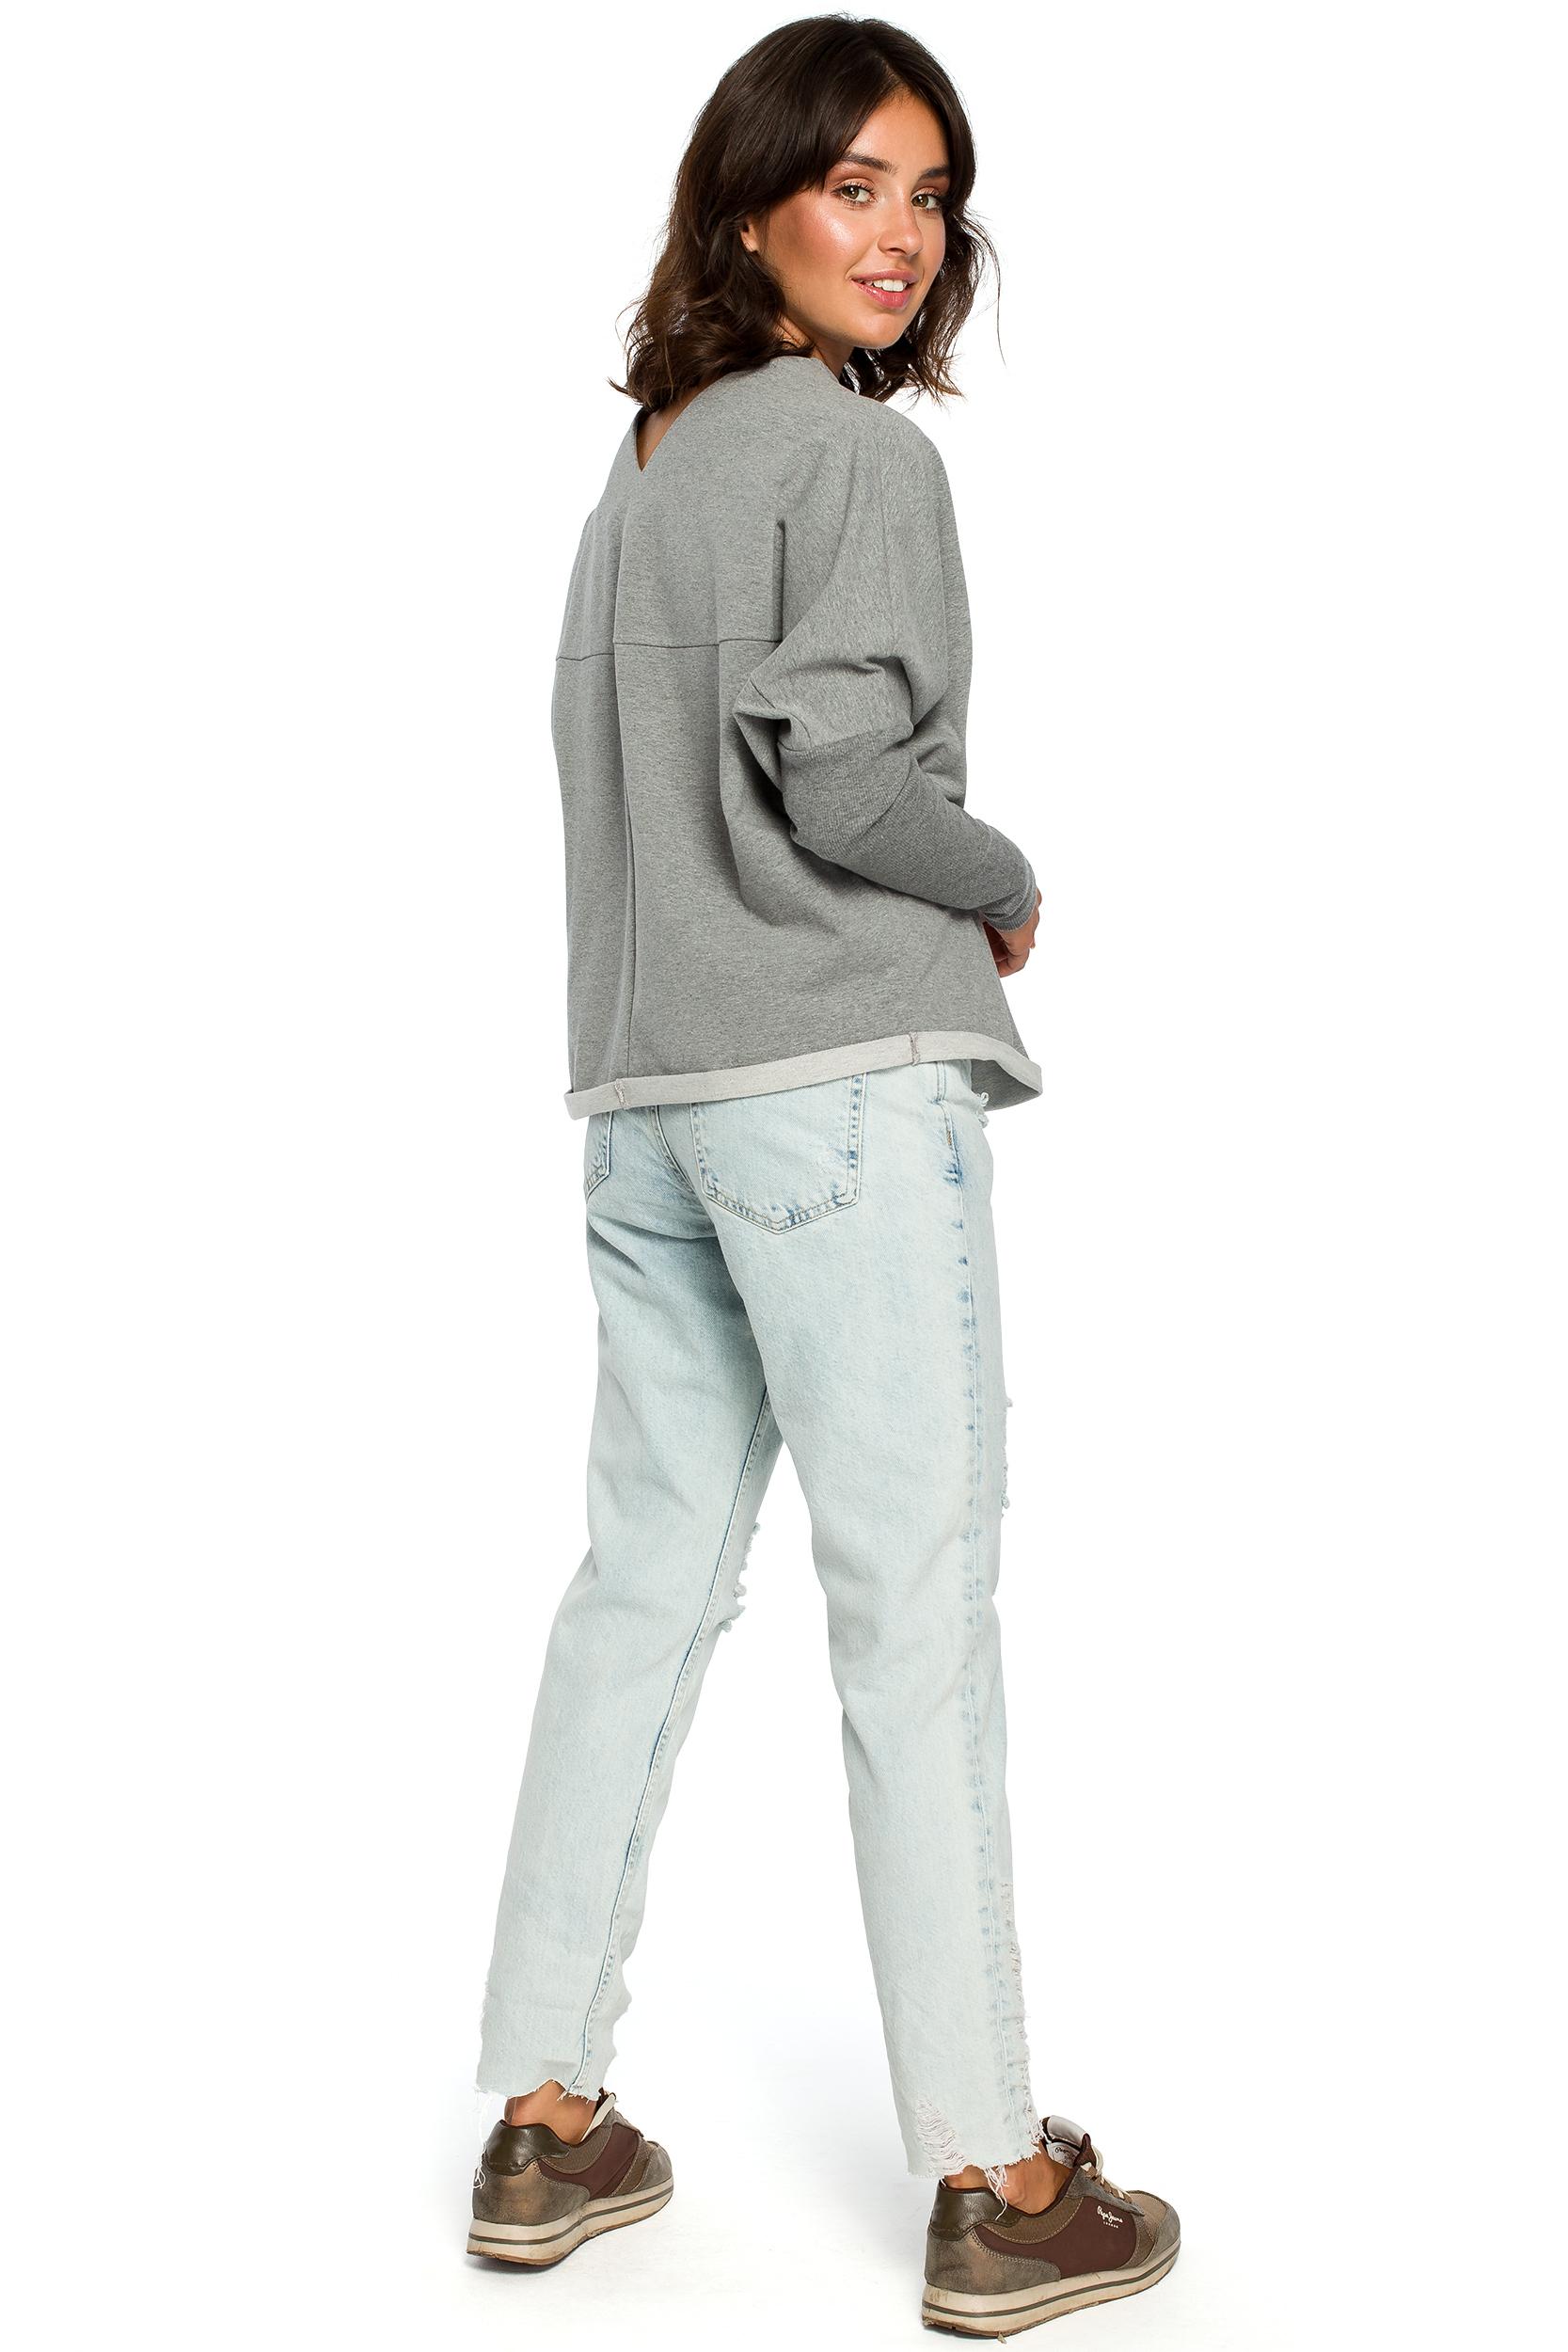 50051f5141 Luźna bluza damska z dekoltem z tyłu szara B094